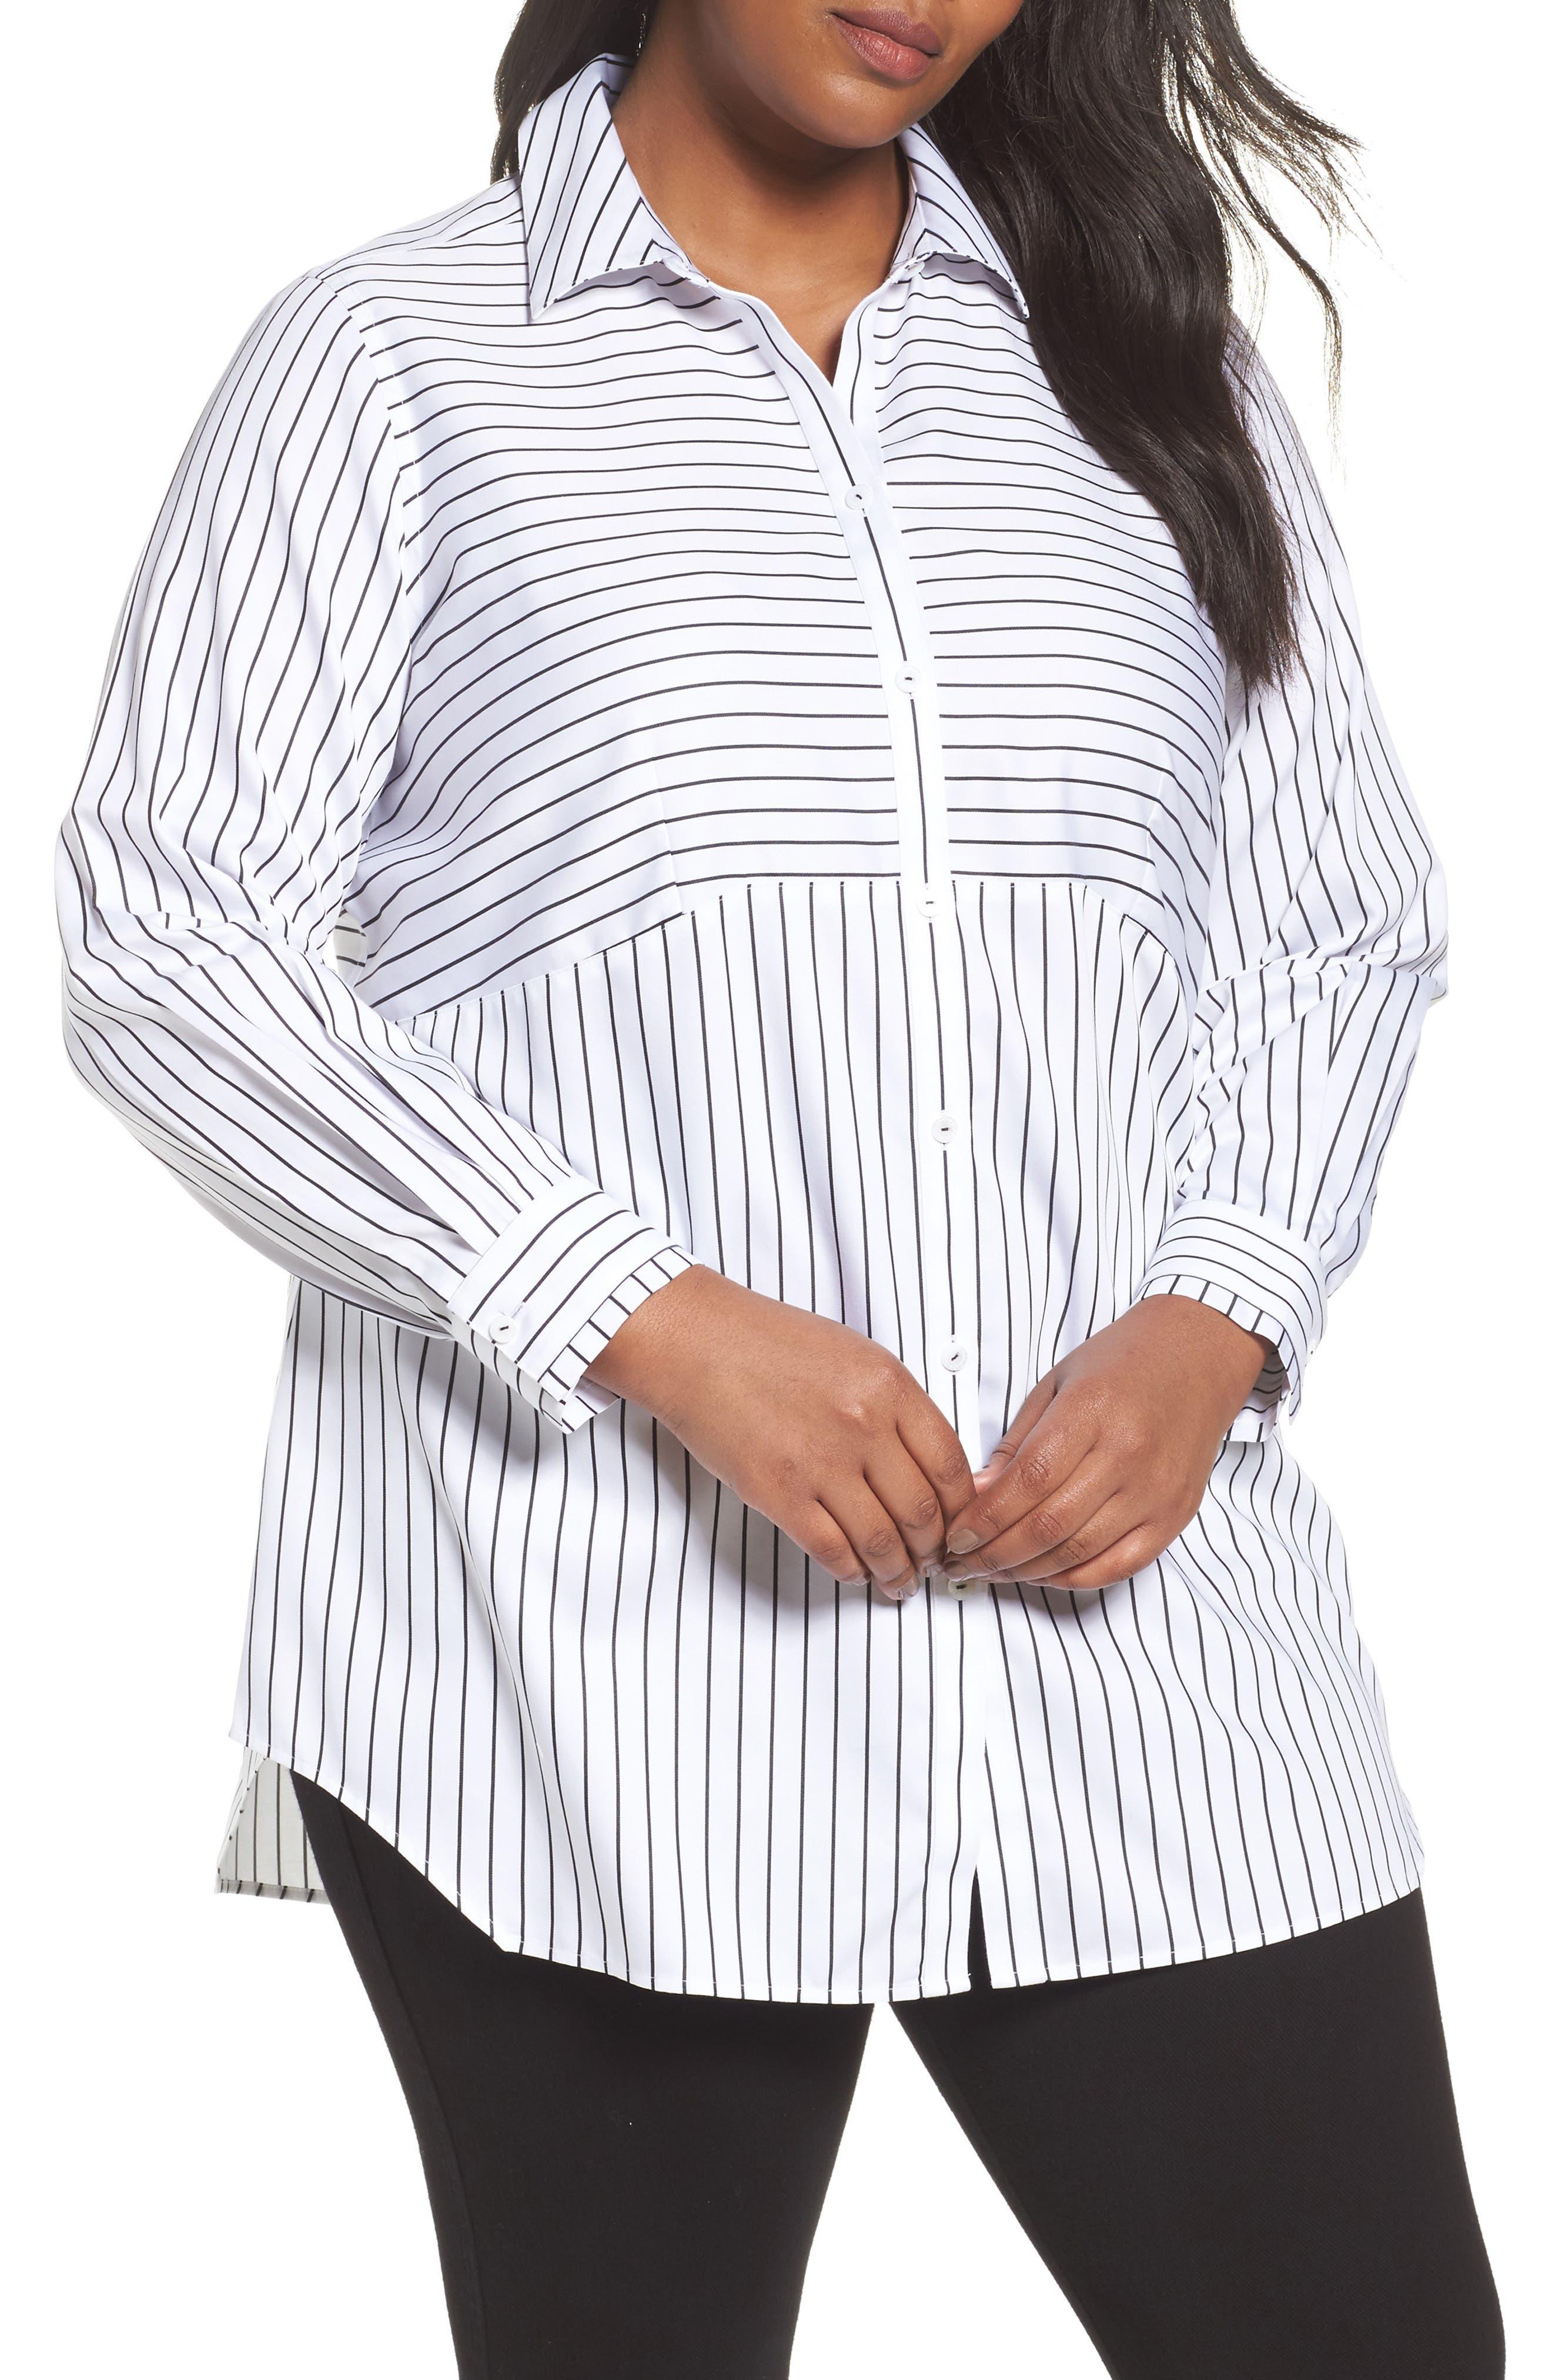 Gina Holiday Stripe Shirt,                             Main thumbnail 1, color,                             100